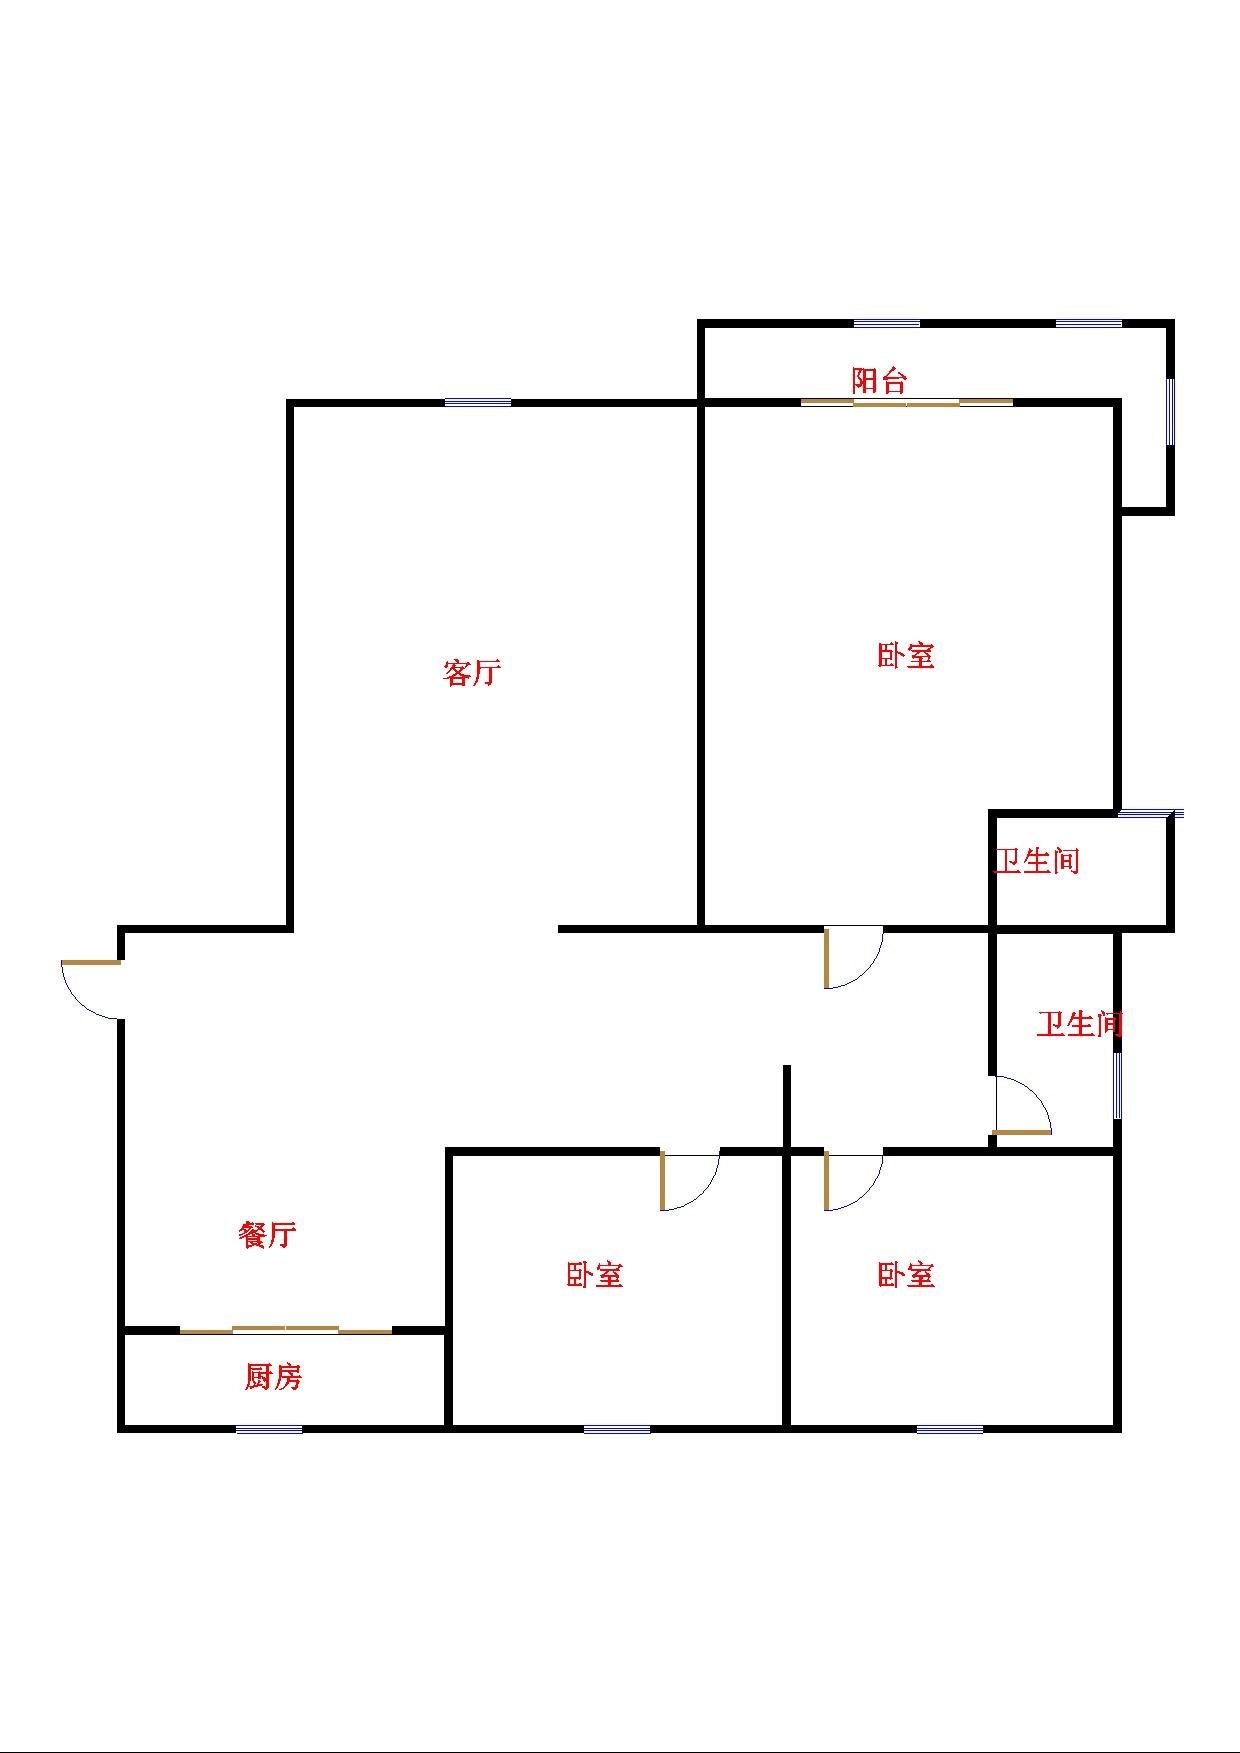 未来城 3室2厅  毛坯 185万